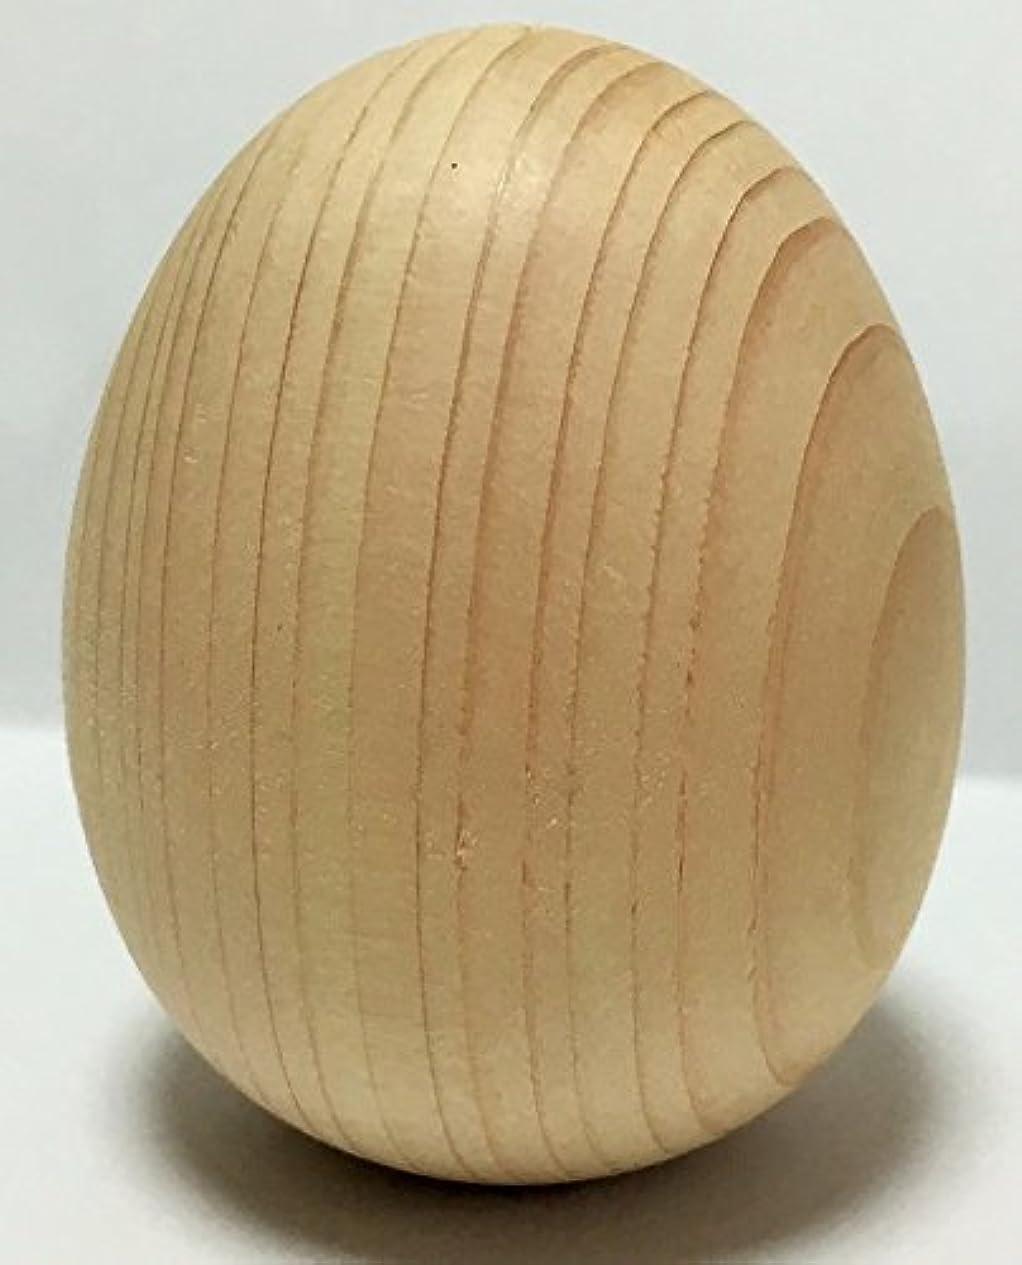 ジャーナルふりをするオフェンス1個から購入できる!卵型ヒノキボール タマゴ型 檜ボール 桧ボール ひのきボール 玉